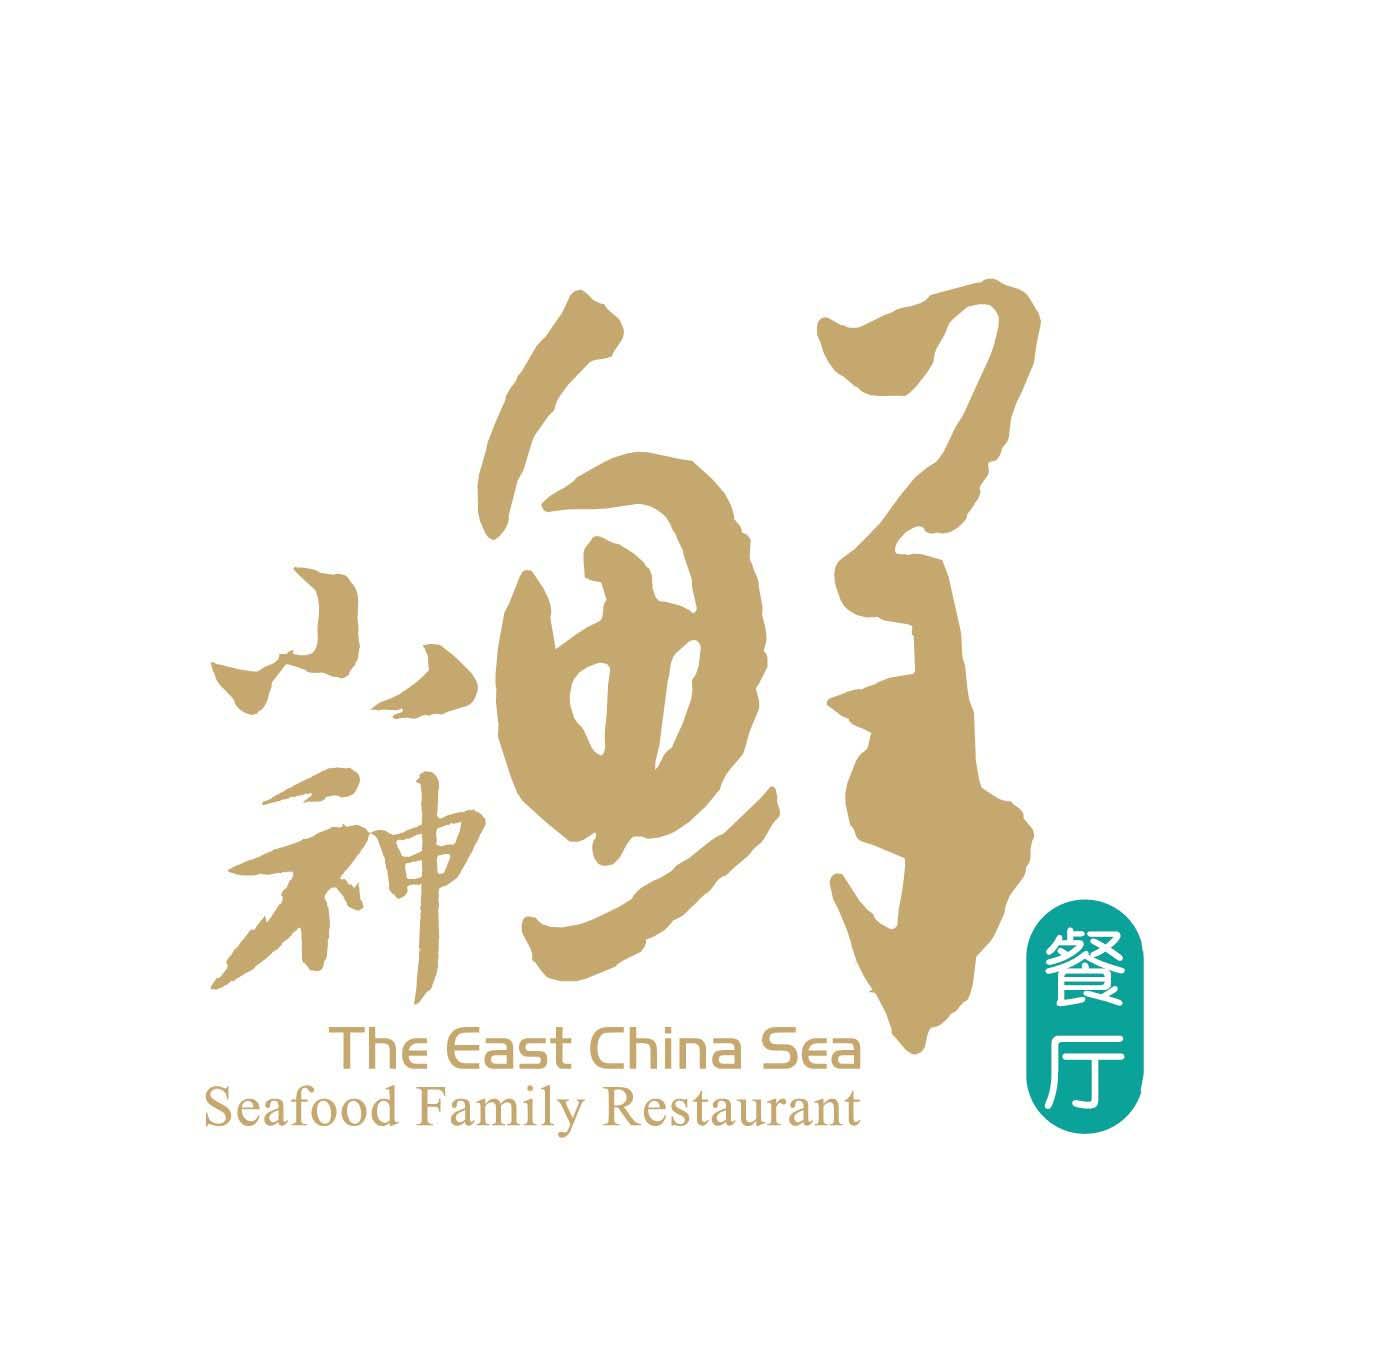 logo logo 标志 设计 矢量 矢量图 素材 图标 1377_1365